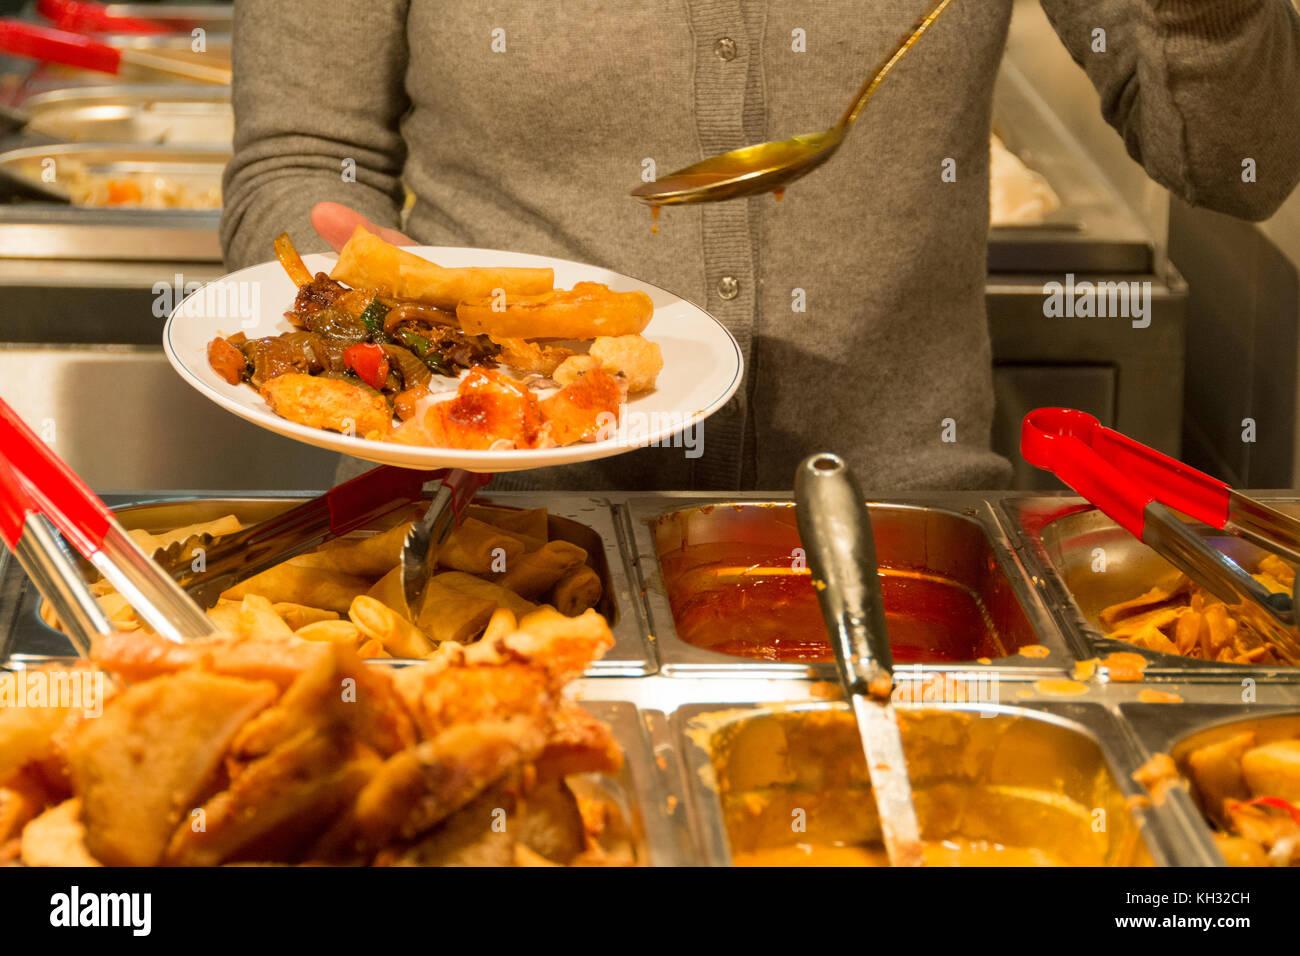 China Restaurant Europe Stockfotos & China Restaurant Europe Bilder ...